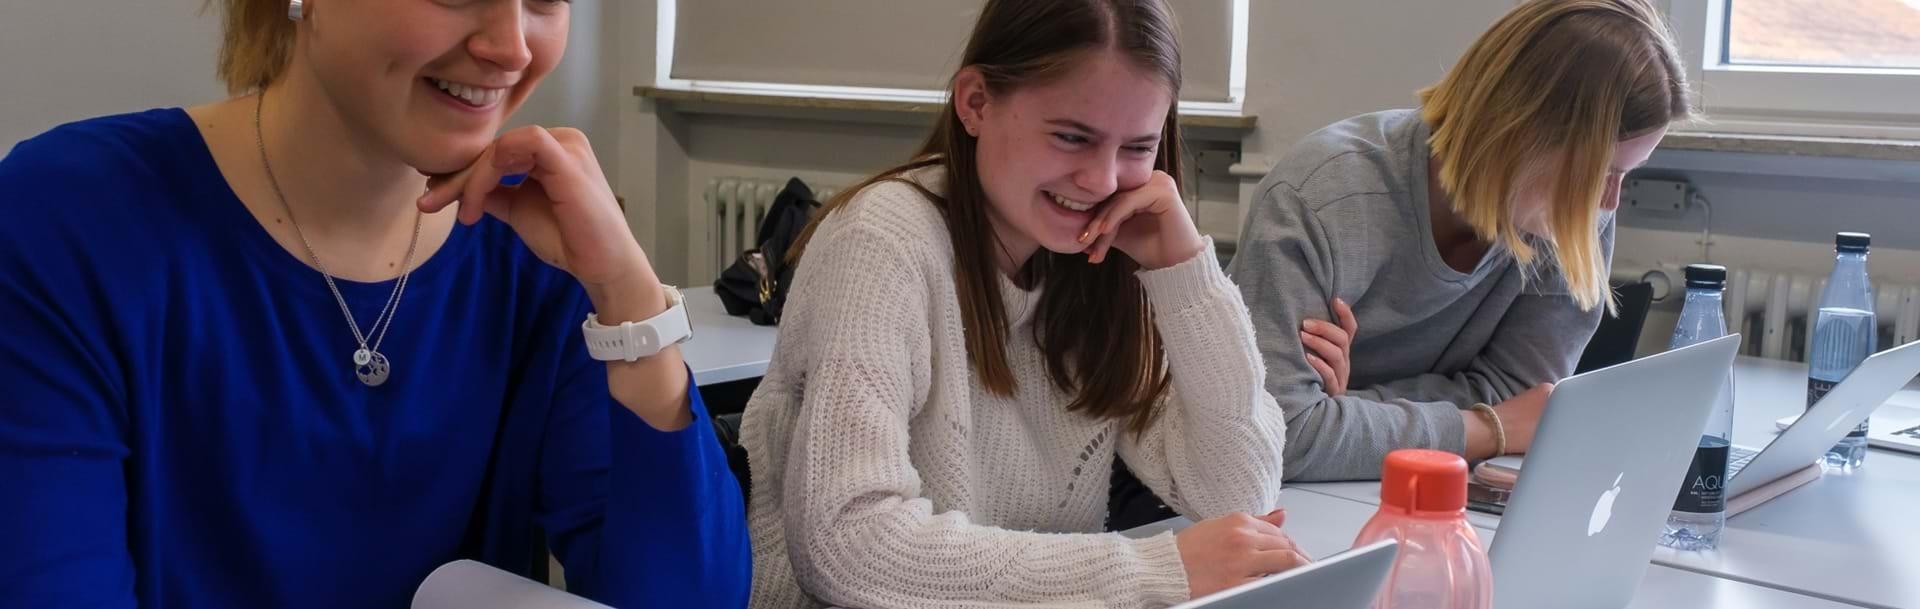 Tre piger sidder ved bord med deres computere